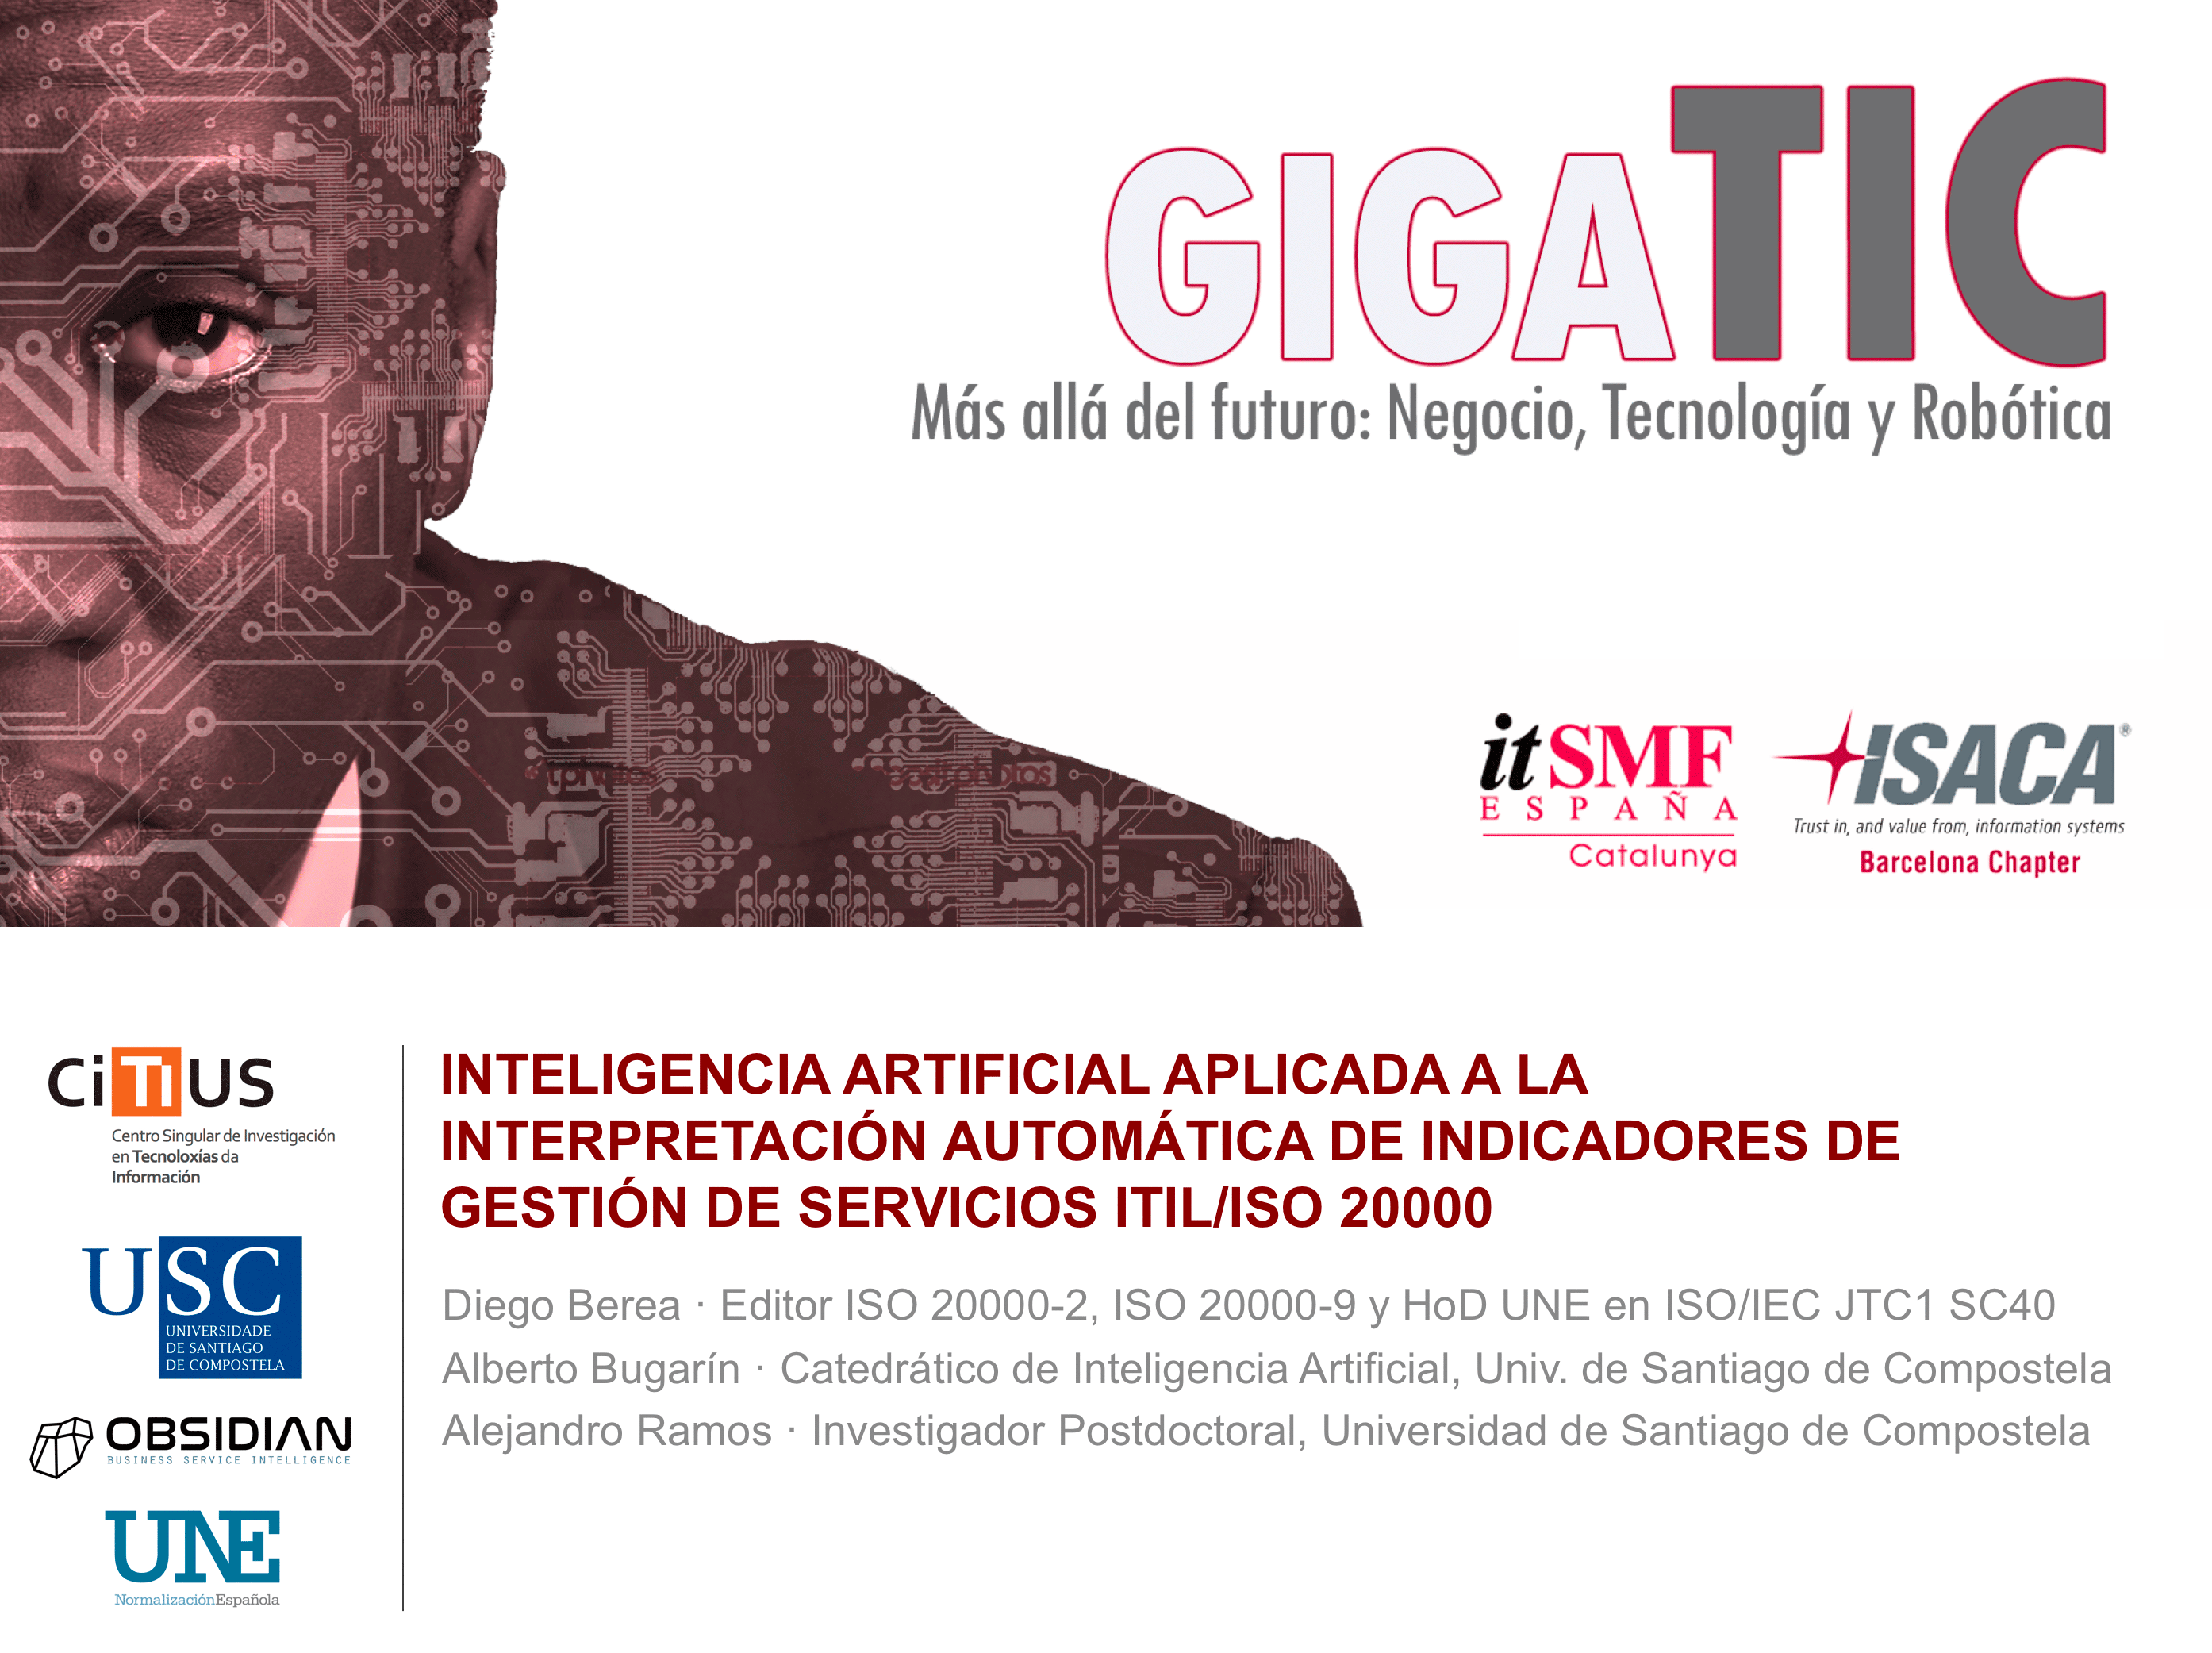 Técnicas de inteligencia artificial para la interpretación automática de indicadores de gestión de servicios en GigaTIC2017. Data2text y lenguaje natural